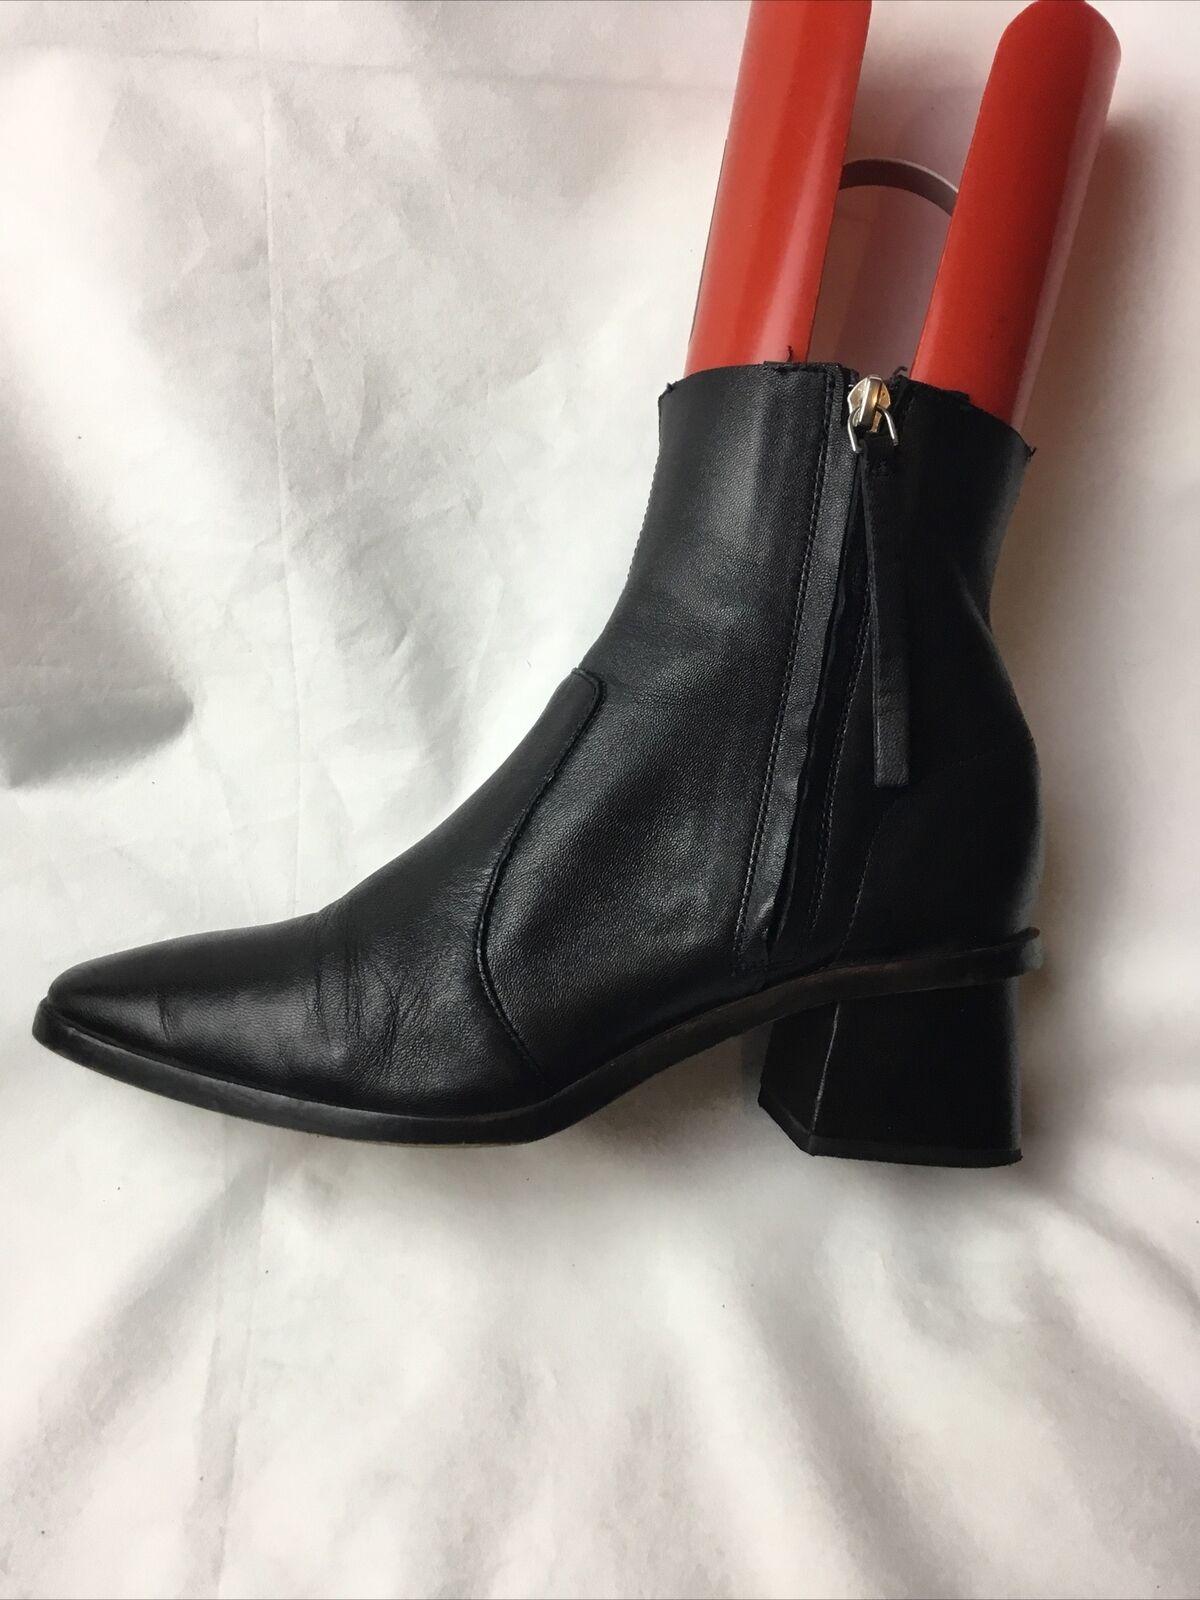 Botas al tobillo señoras UK Size 5 UE Negro Cuero H